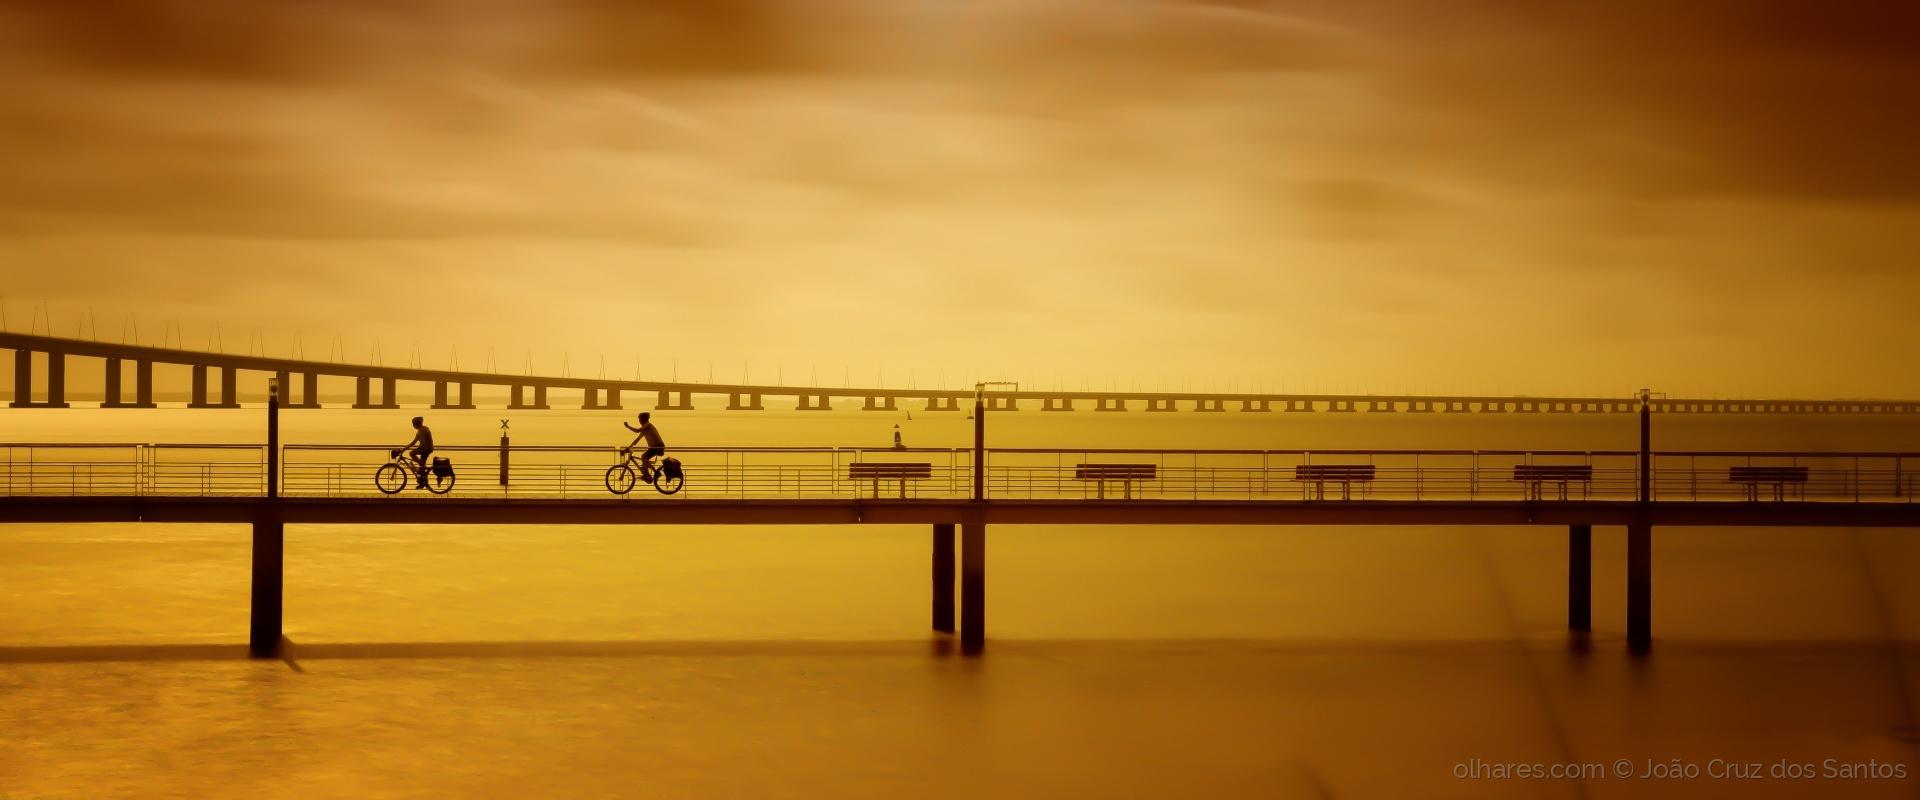 Paisagem Urbana/Morning ride